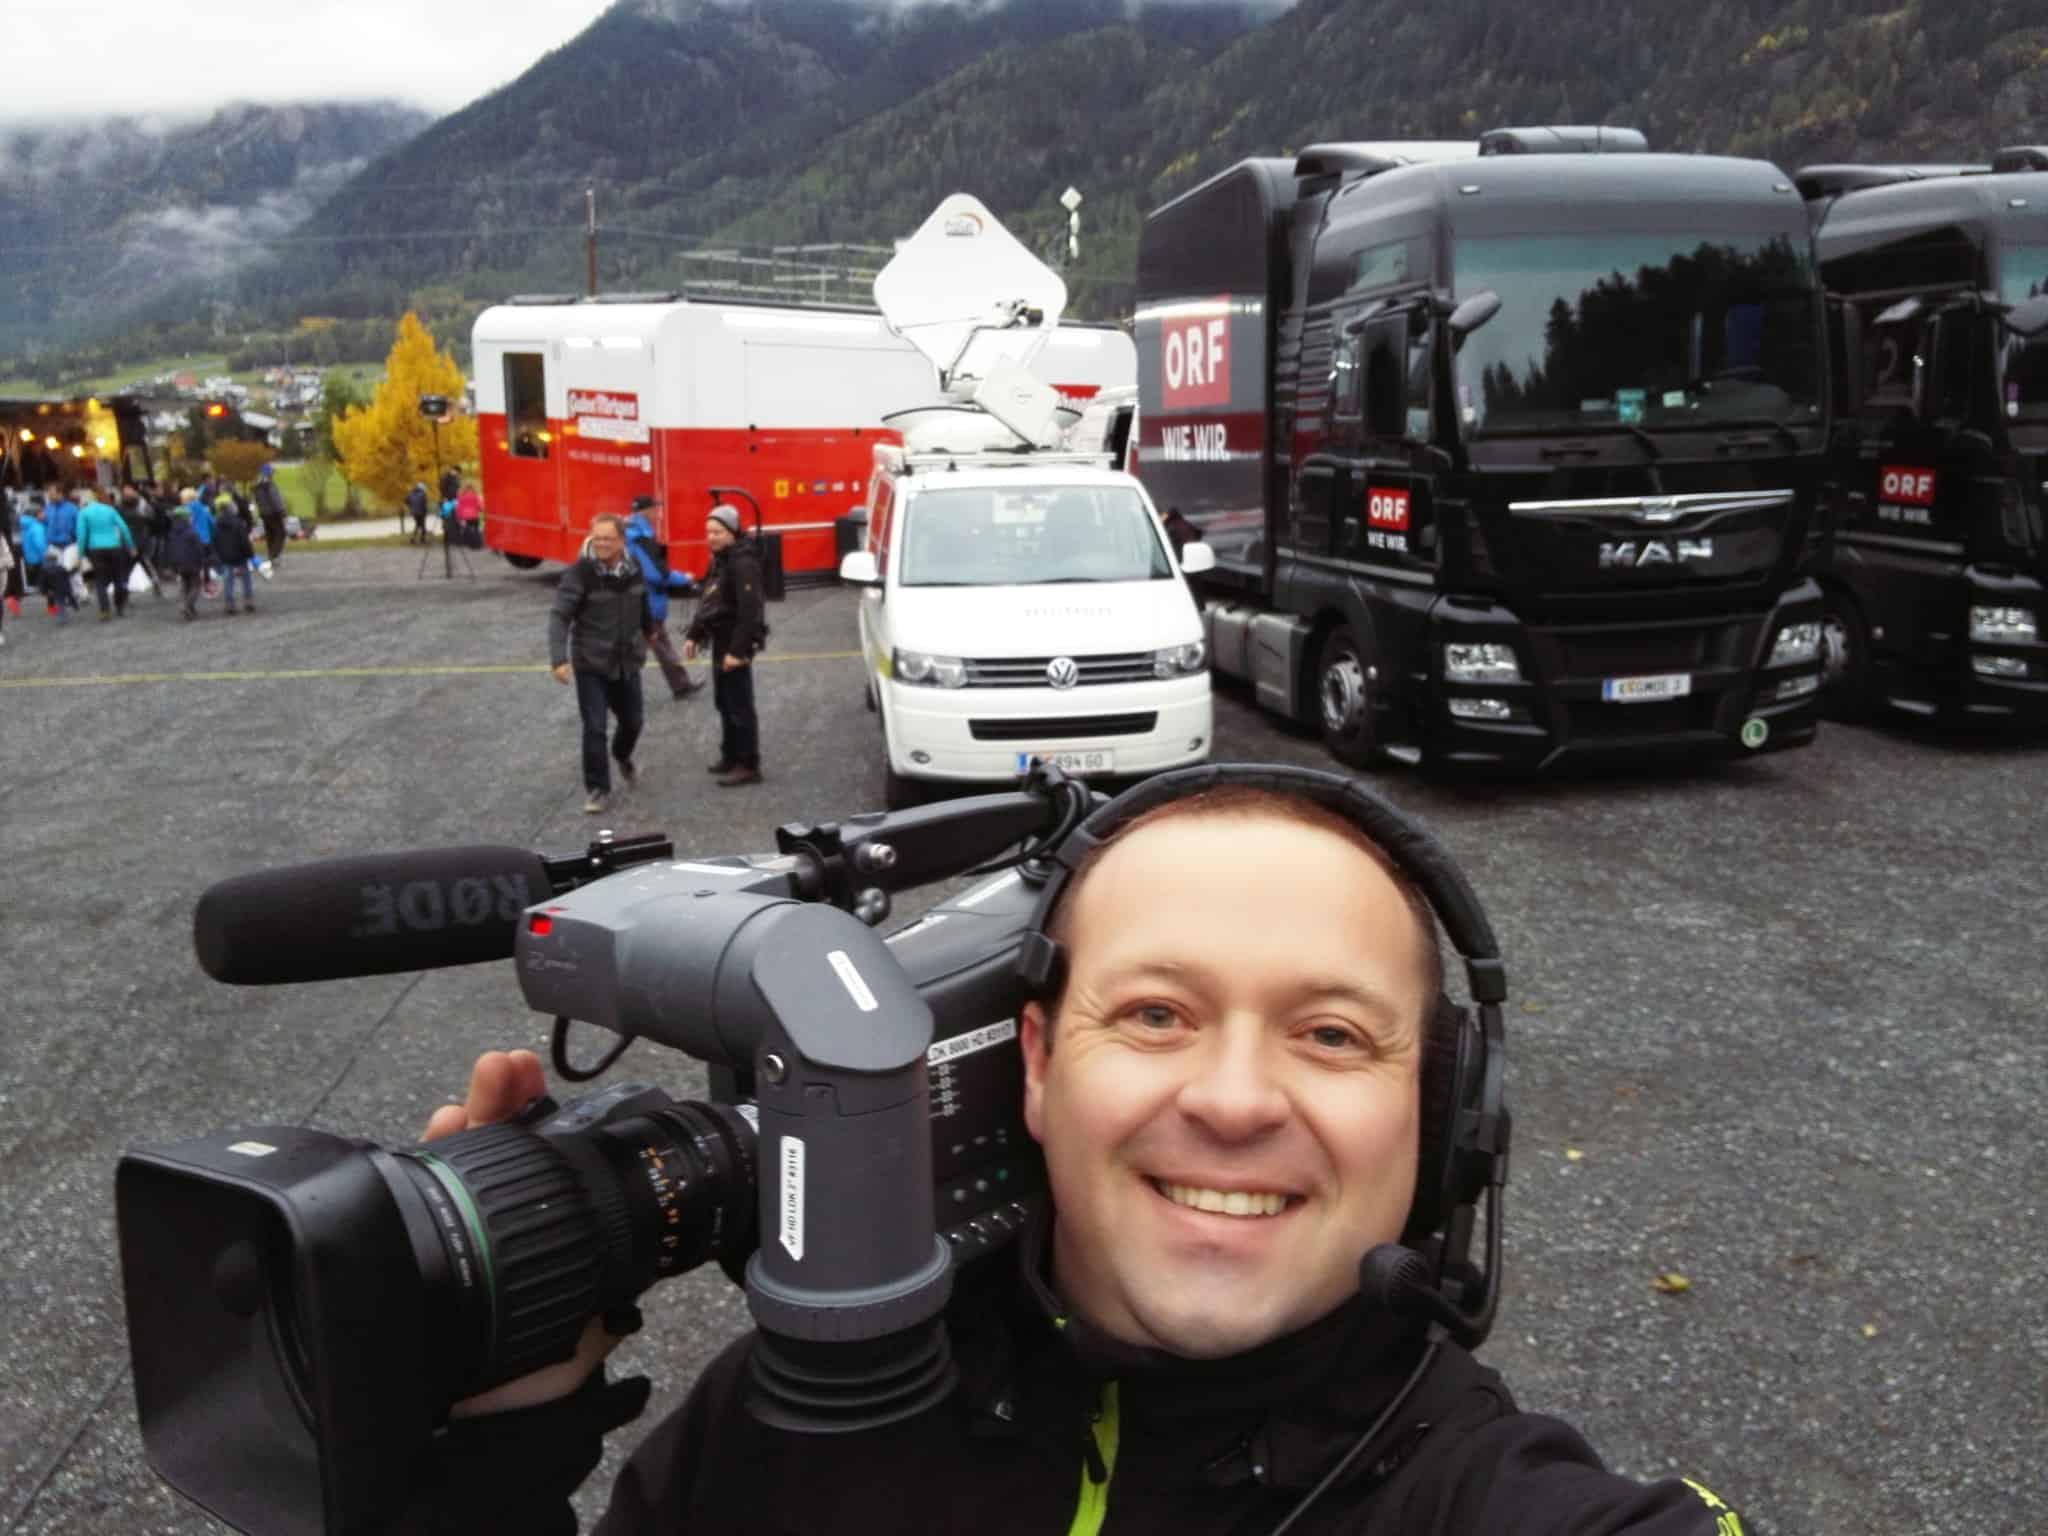 ORF Guten Morgen Österreich Tirol Sölden Woche C Andreas Felder 33 - ORF Guten Morgen Österreich - Tirol Woche